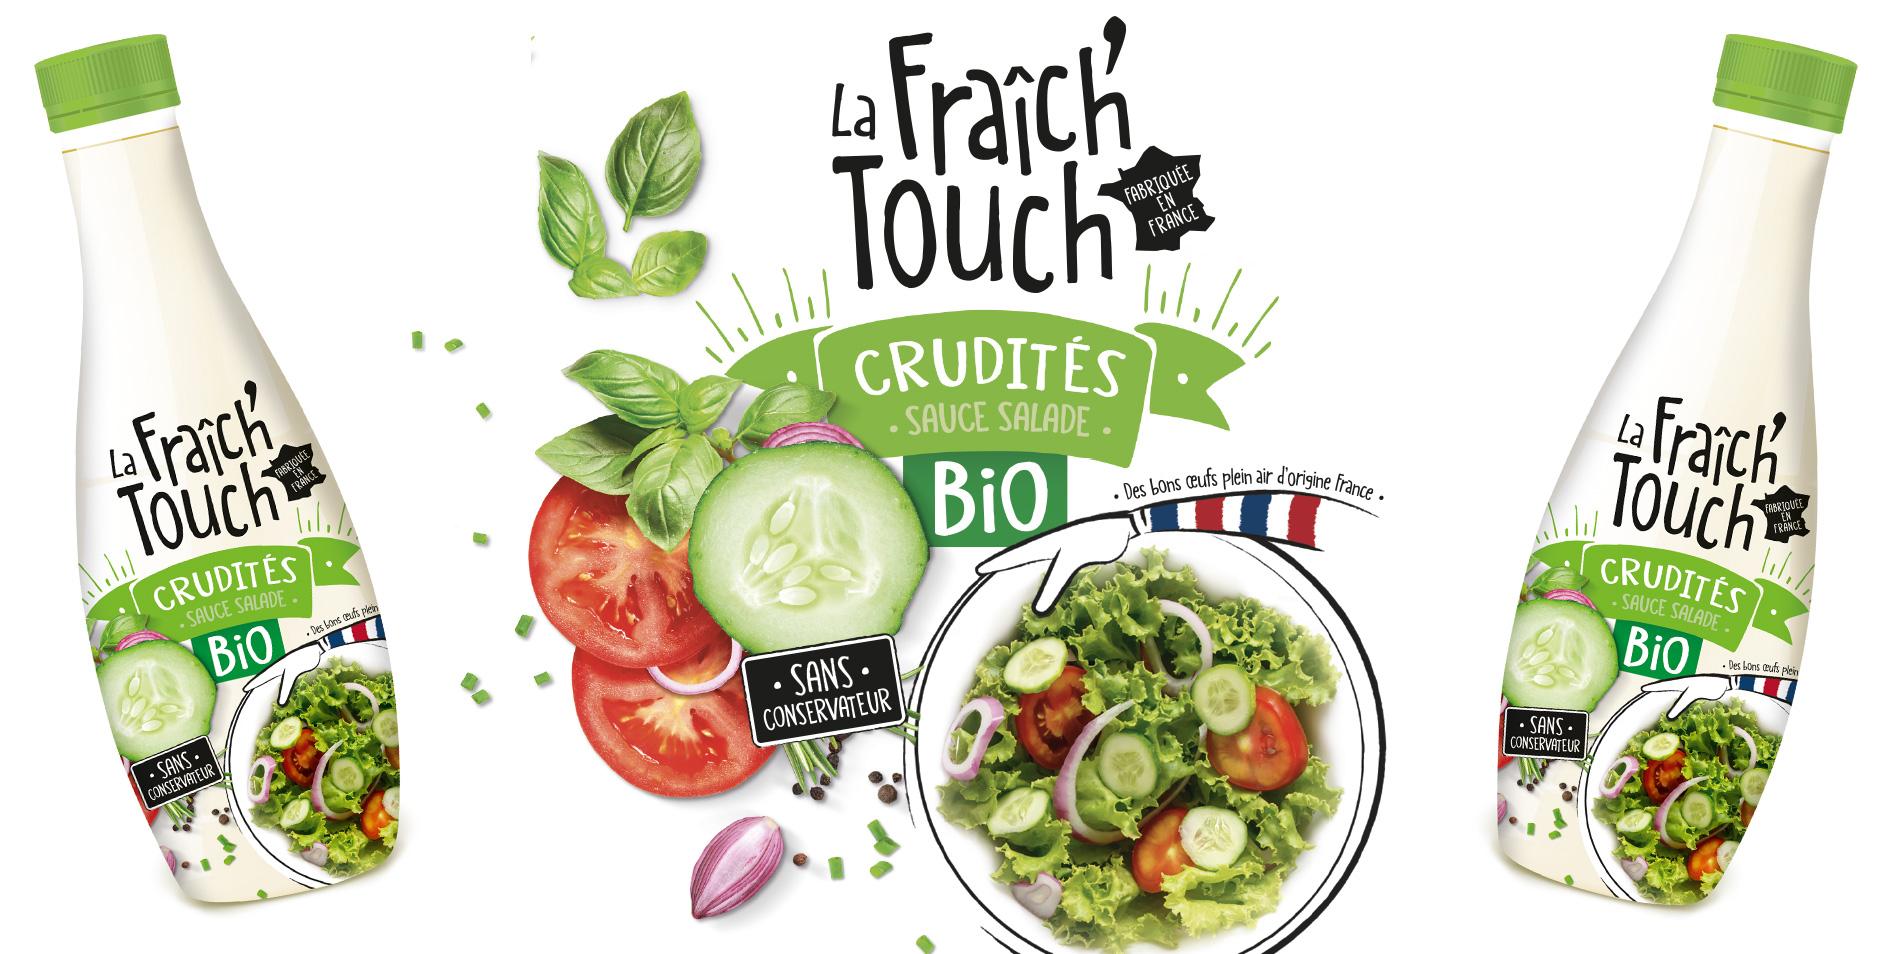 La Fraich'Touch sauce crudité bio